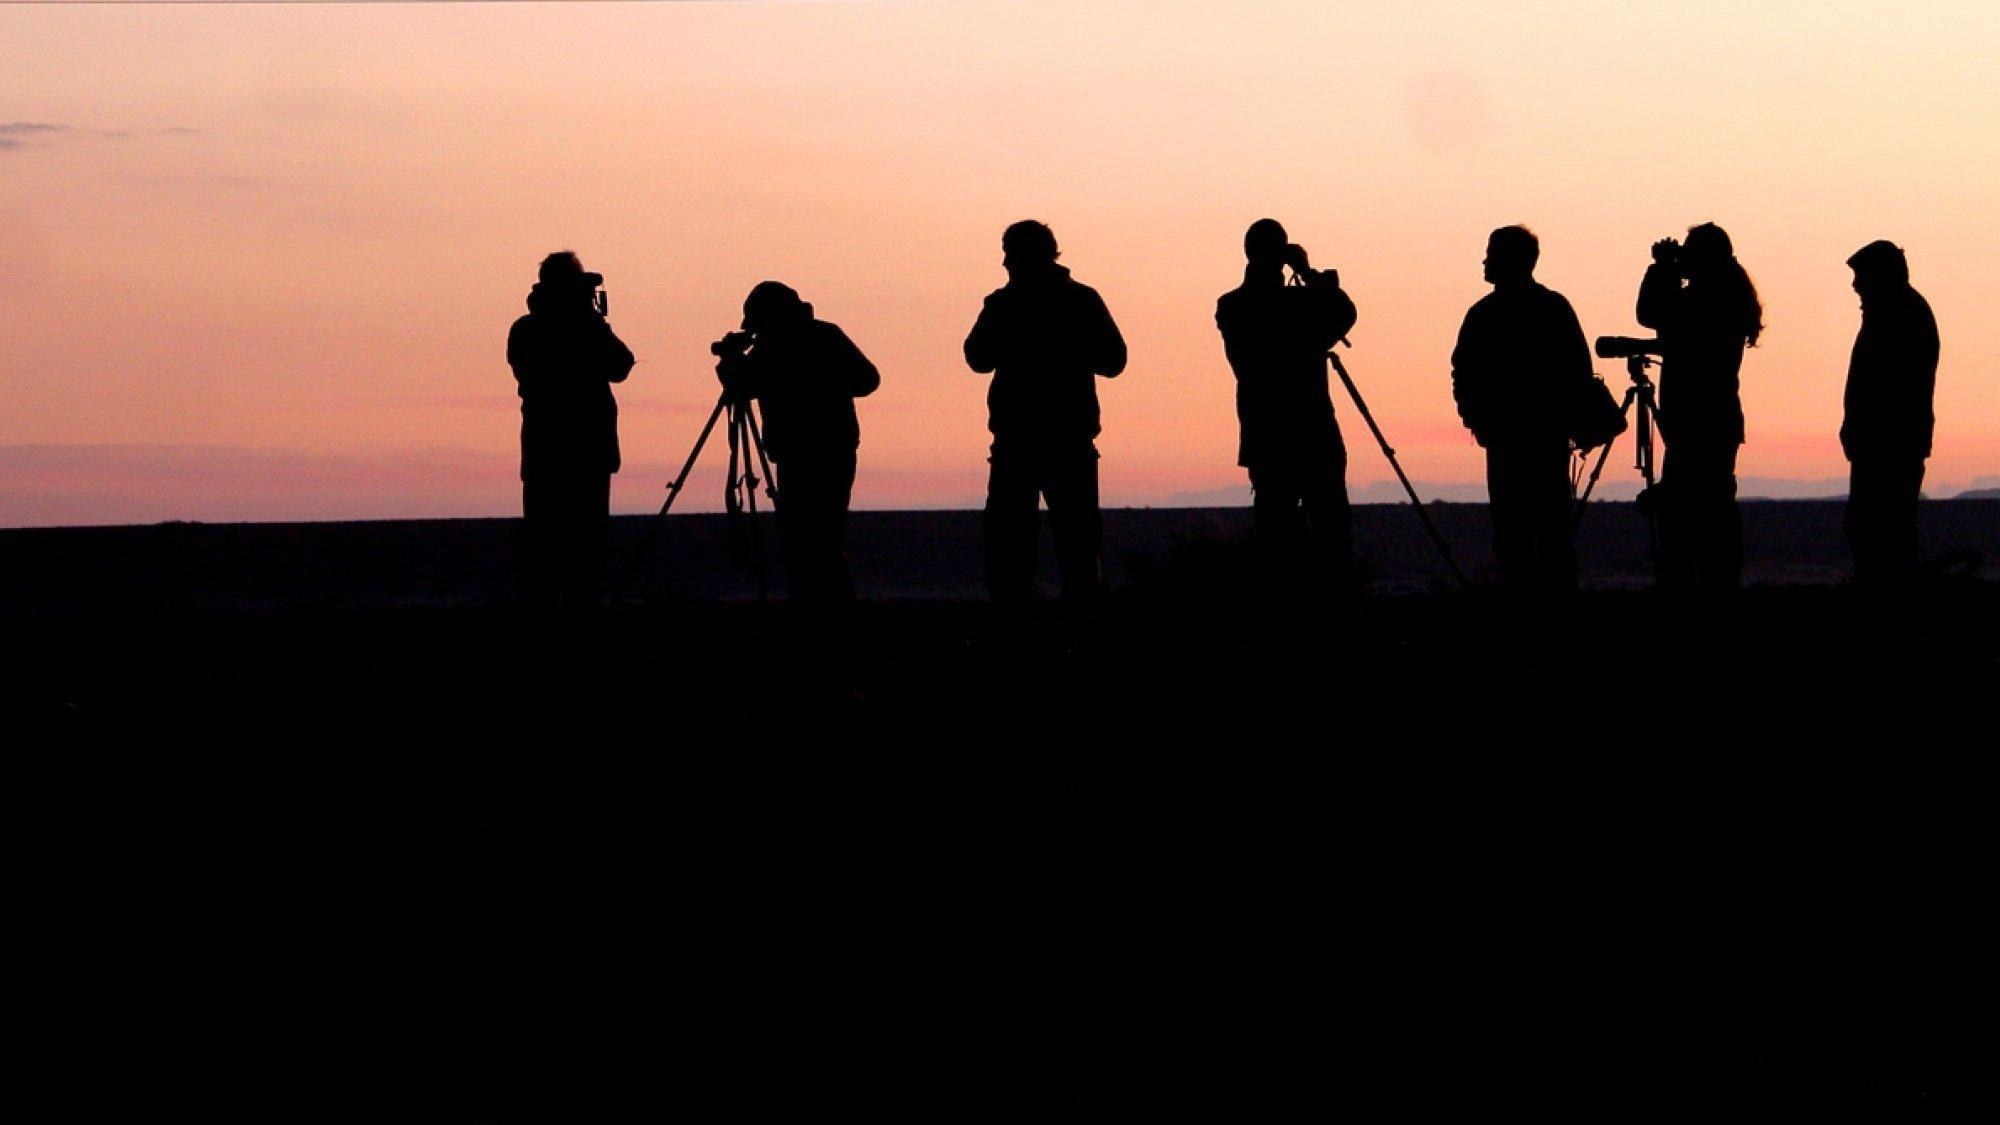 Eine Gruppe Vogelbeobachter im ersten Morgenlicht. Die Menschen sind nur als Silhouetten zu erkennen.